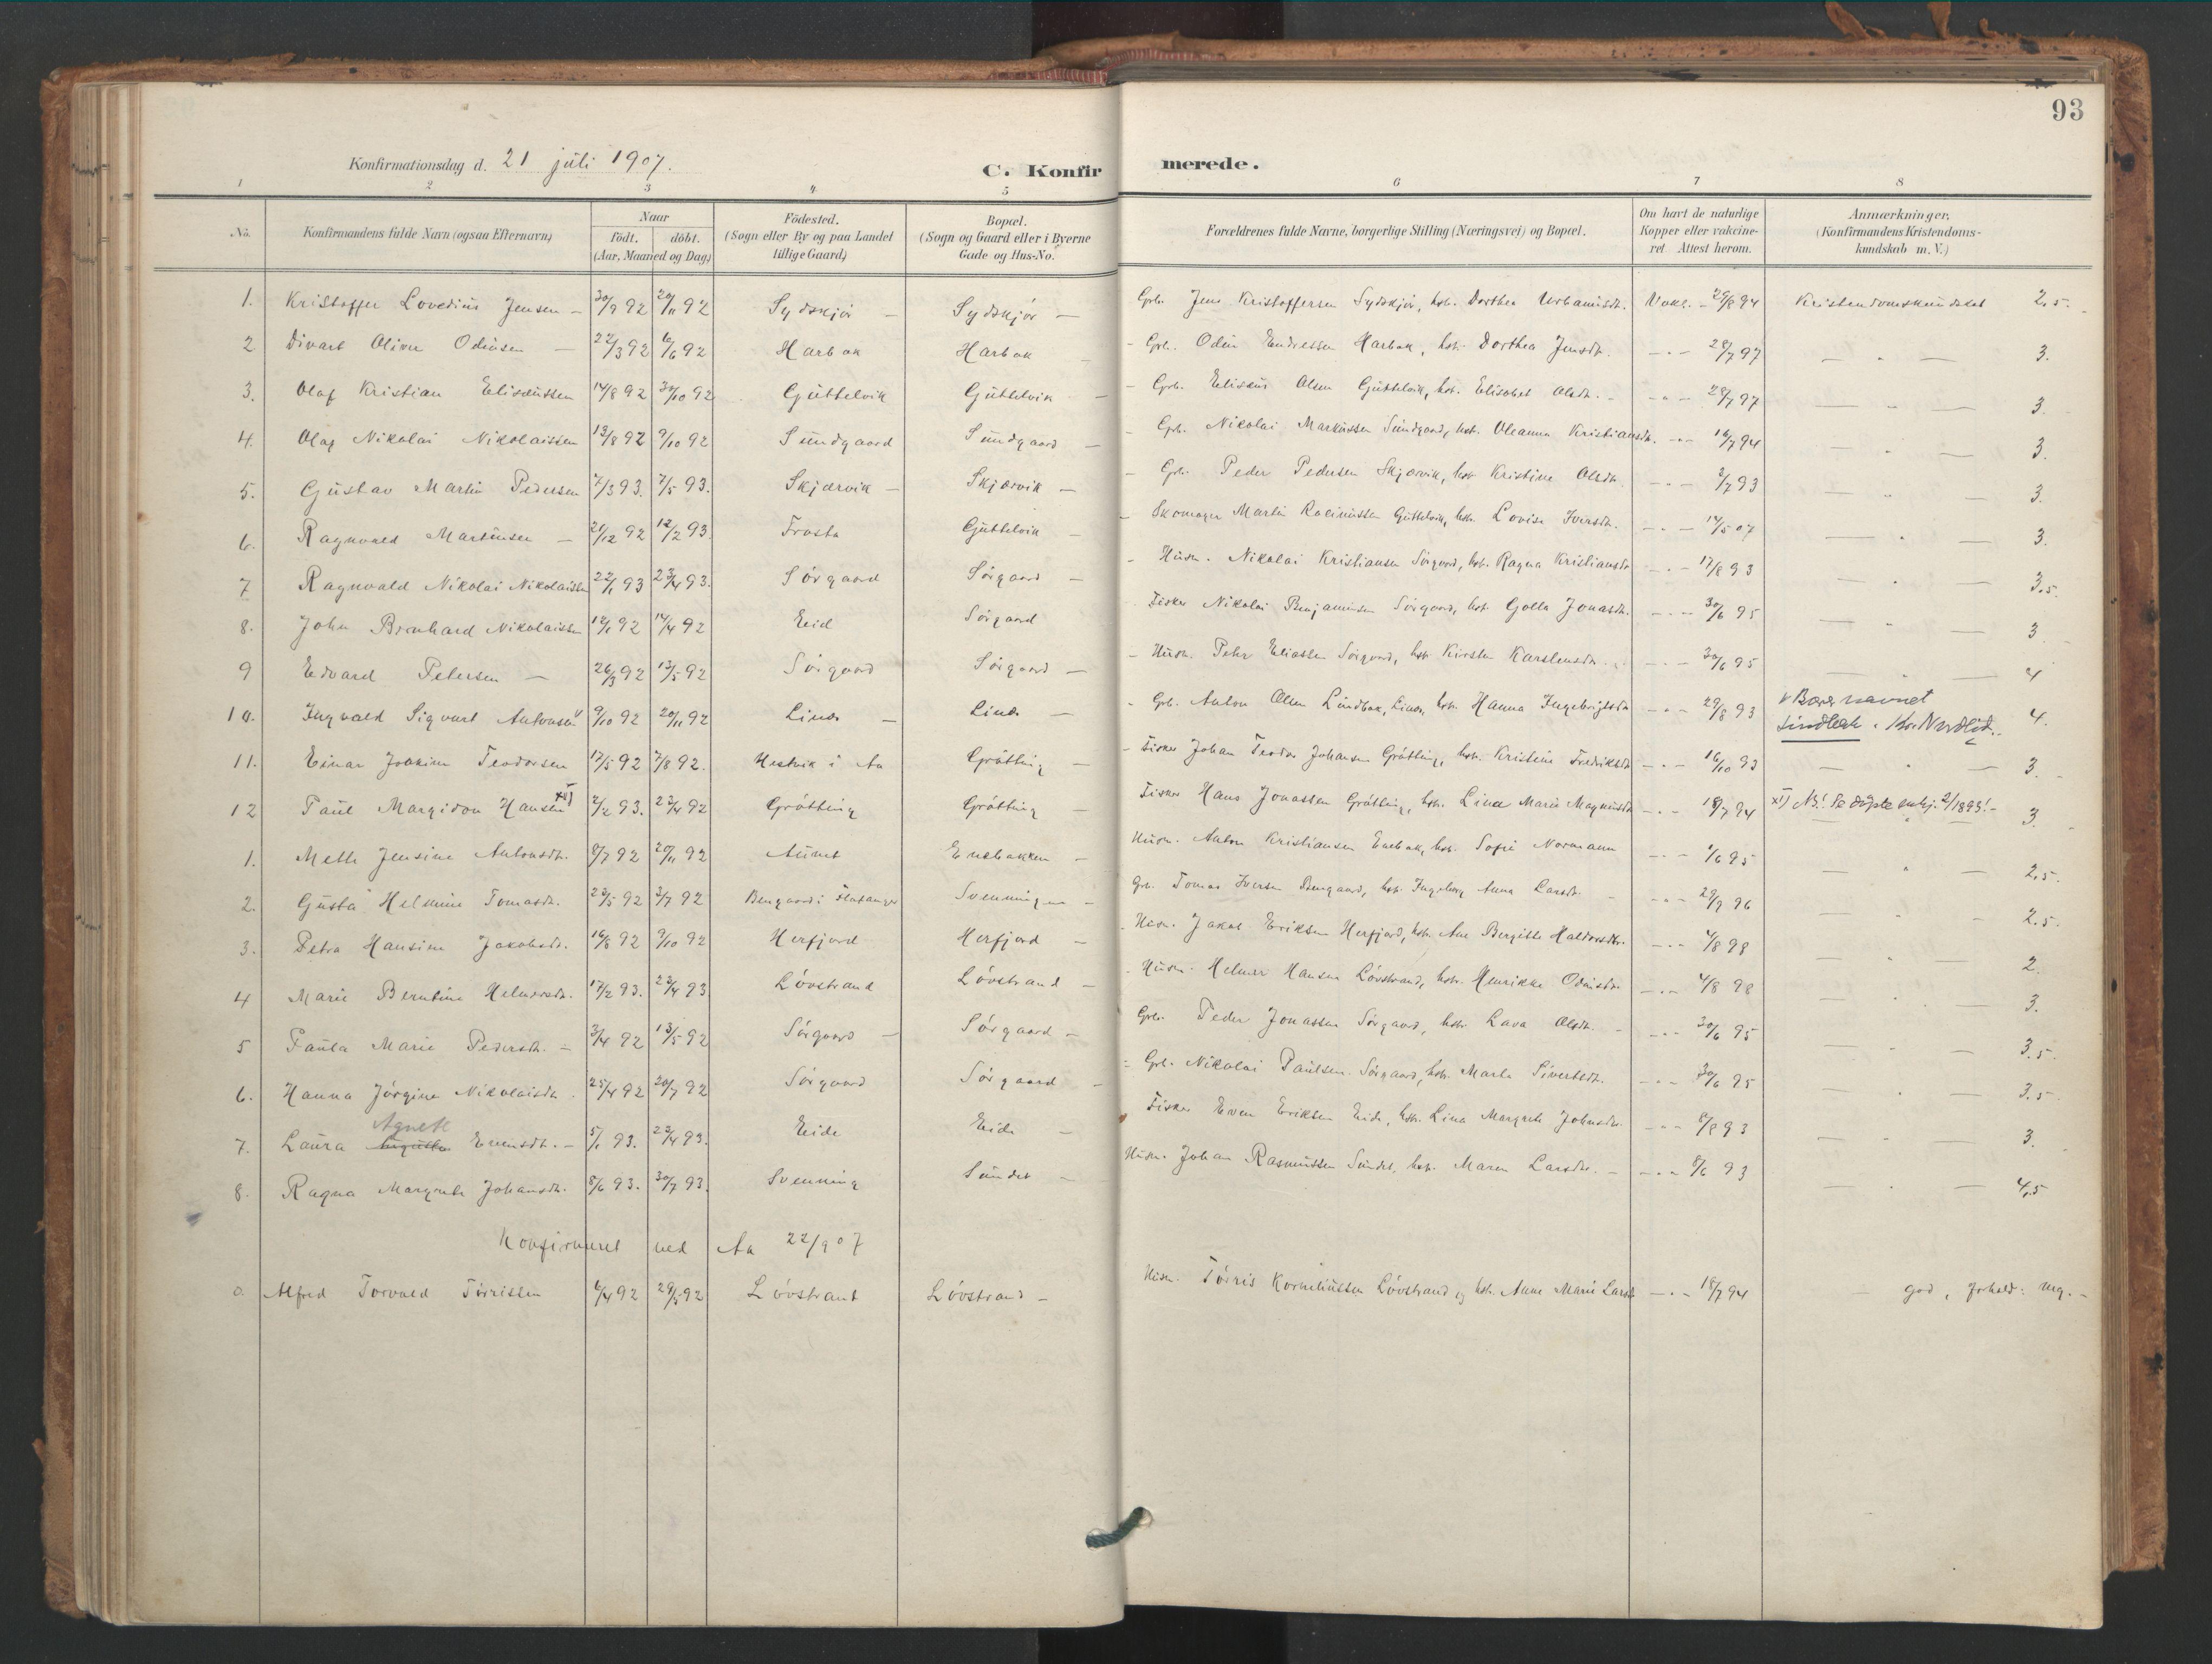 SAT, Ministerialprotokoller, klokkerbøker og fødselsregistre - Sør-Trøndelag, 656/L0693: Ministerialbok nr. 656A02, 1894-1913, s. 93